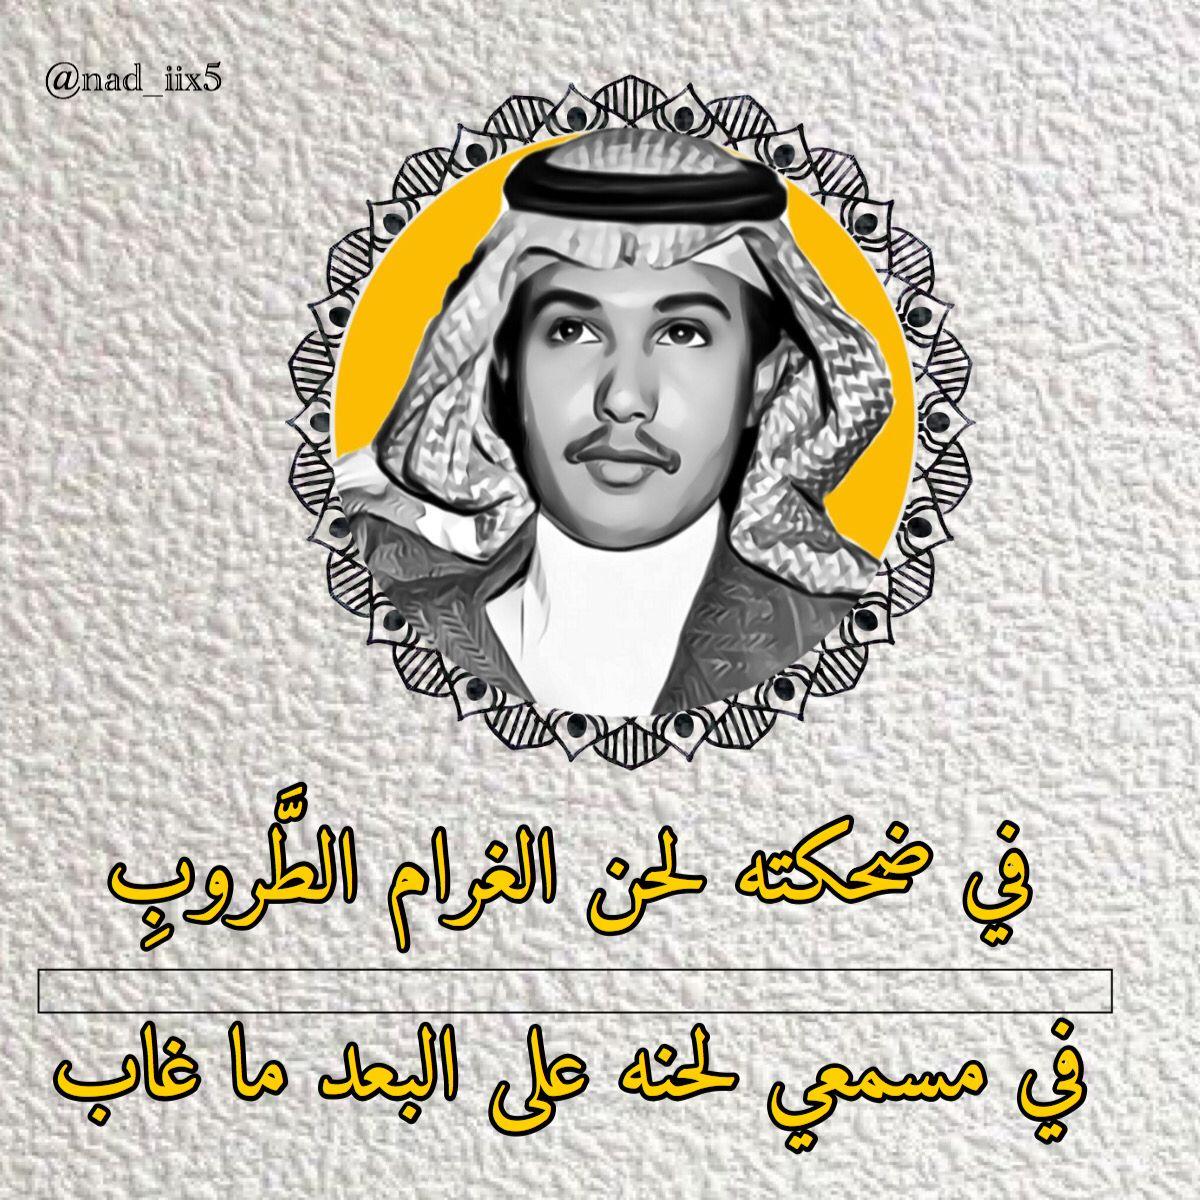 في ضحكته لحن الغرام الط روب محمد عبده Baseball Cards Baseball Cards